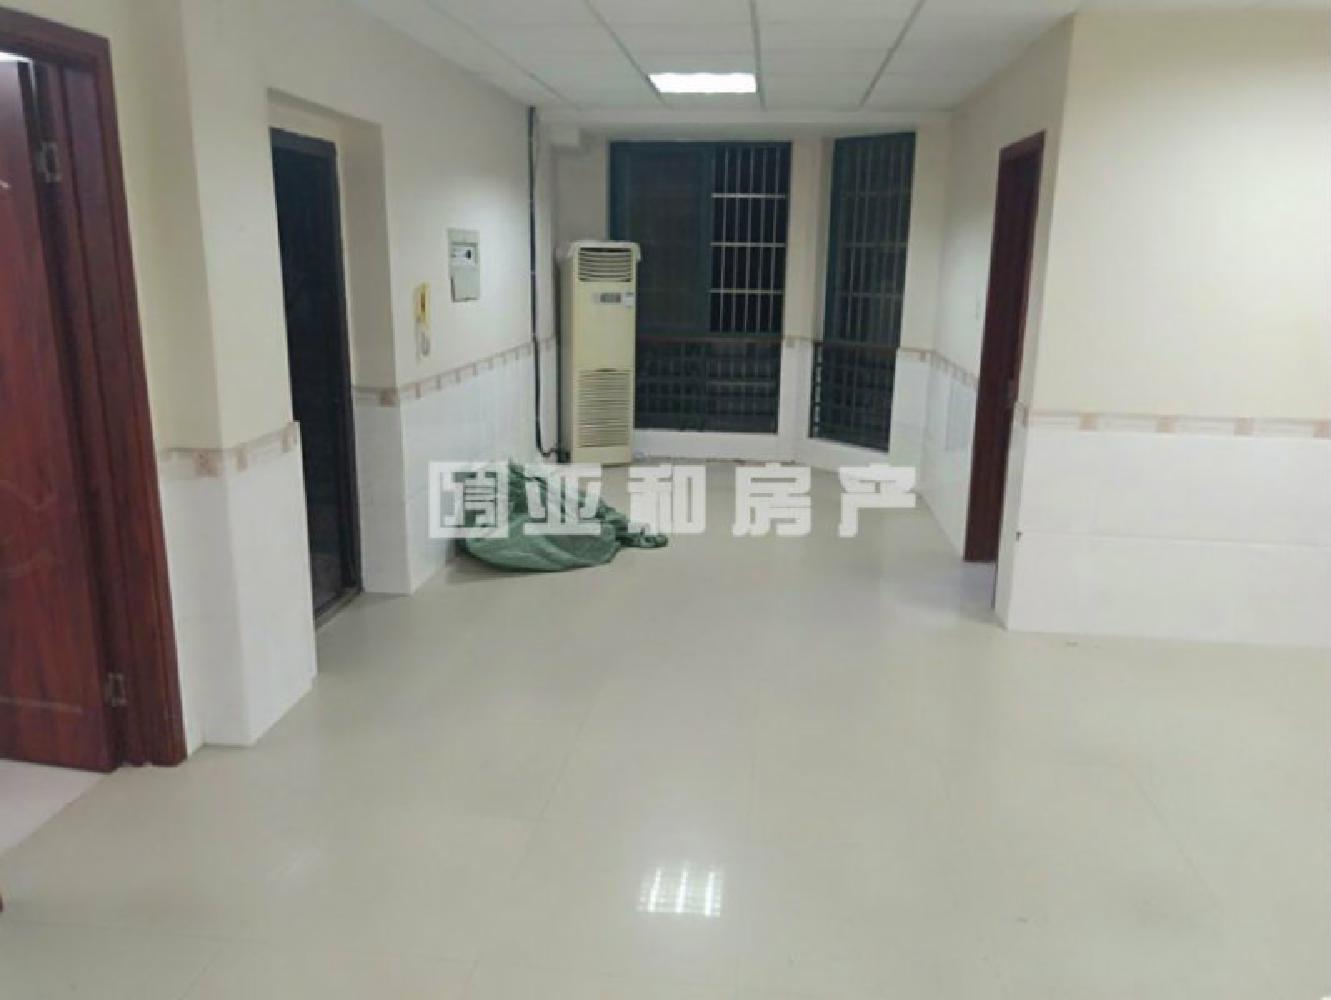 阳光小区 70年住宅  宾王中小学 产证齐全 看房方便